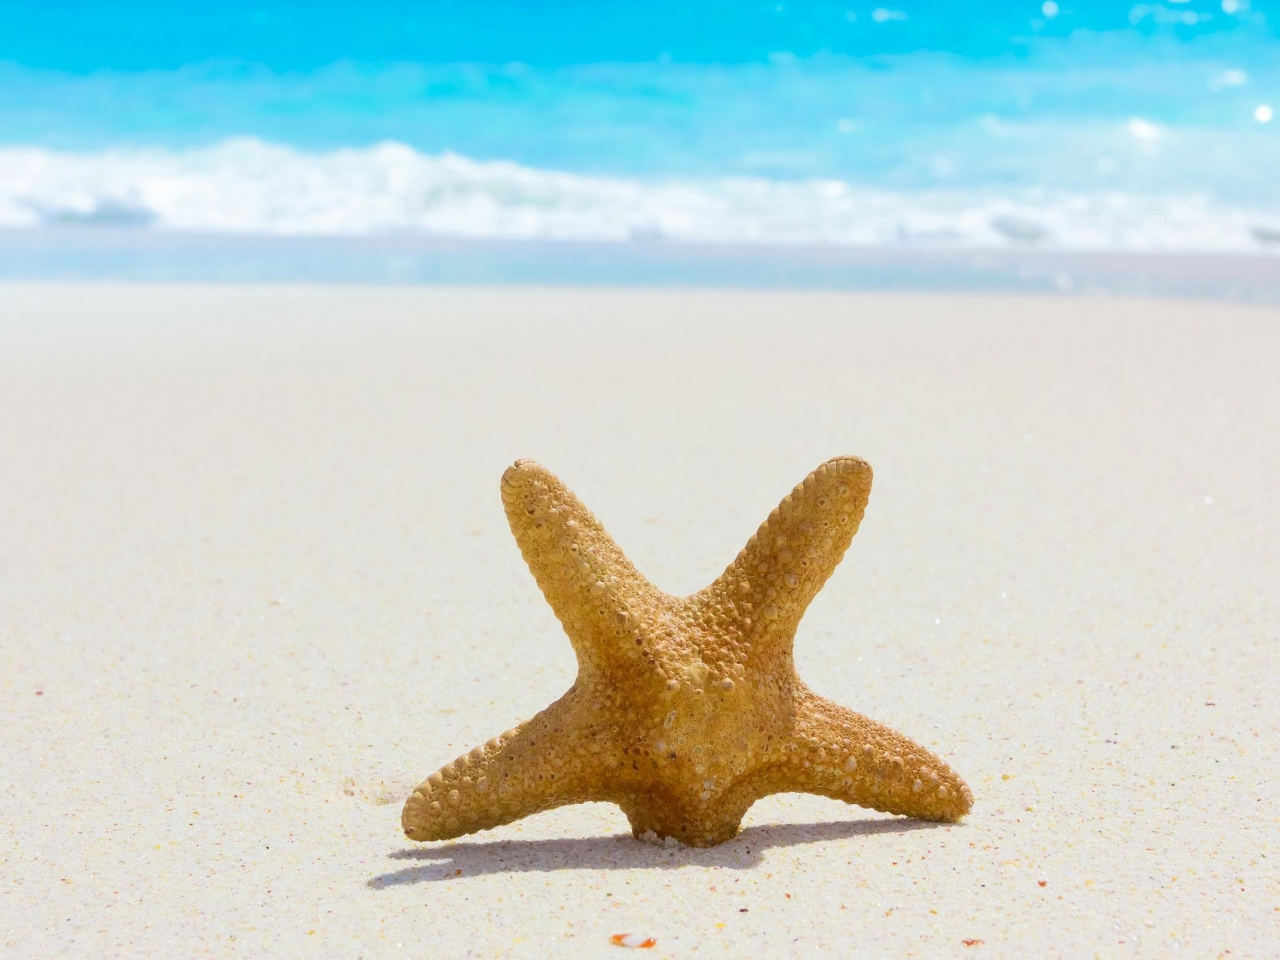 Estrella de mar en la playa - 1280x960